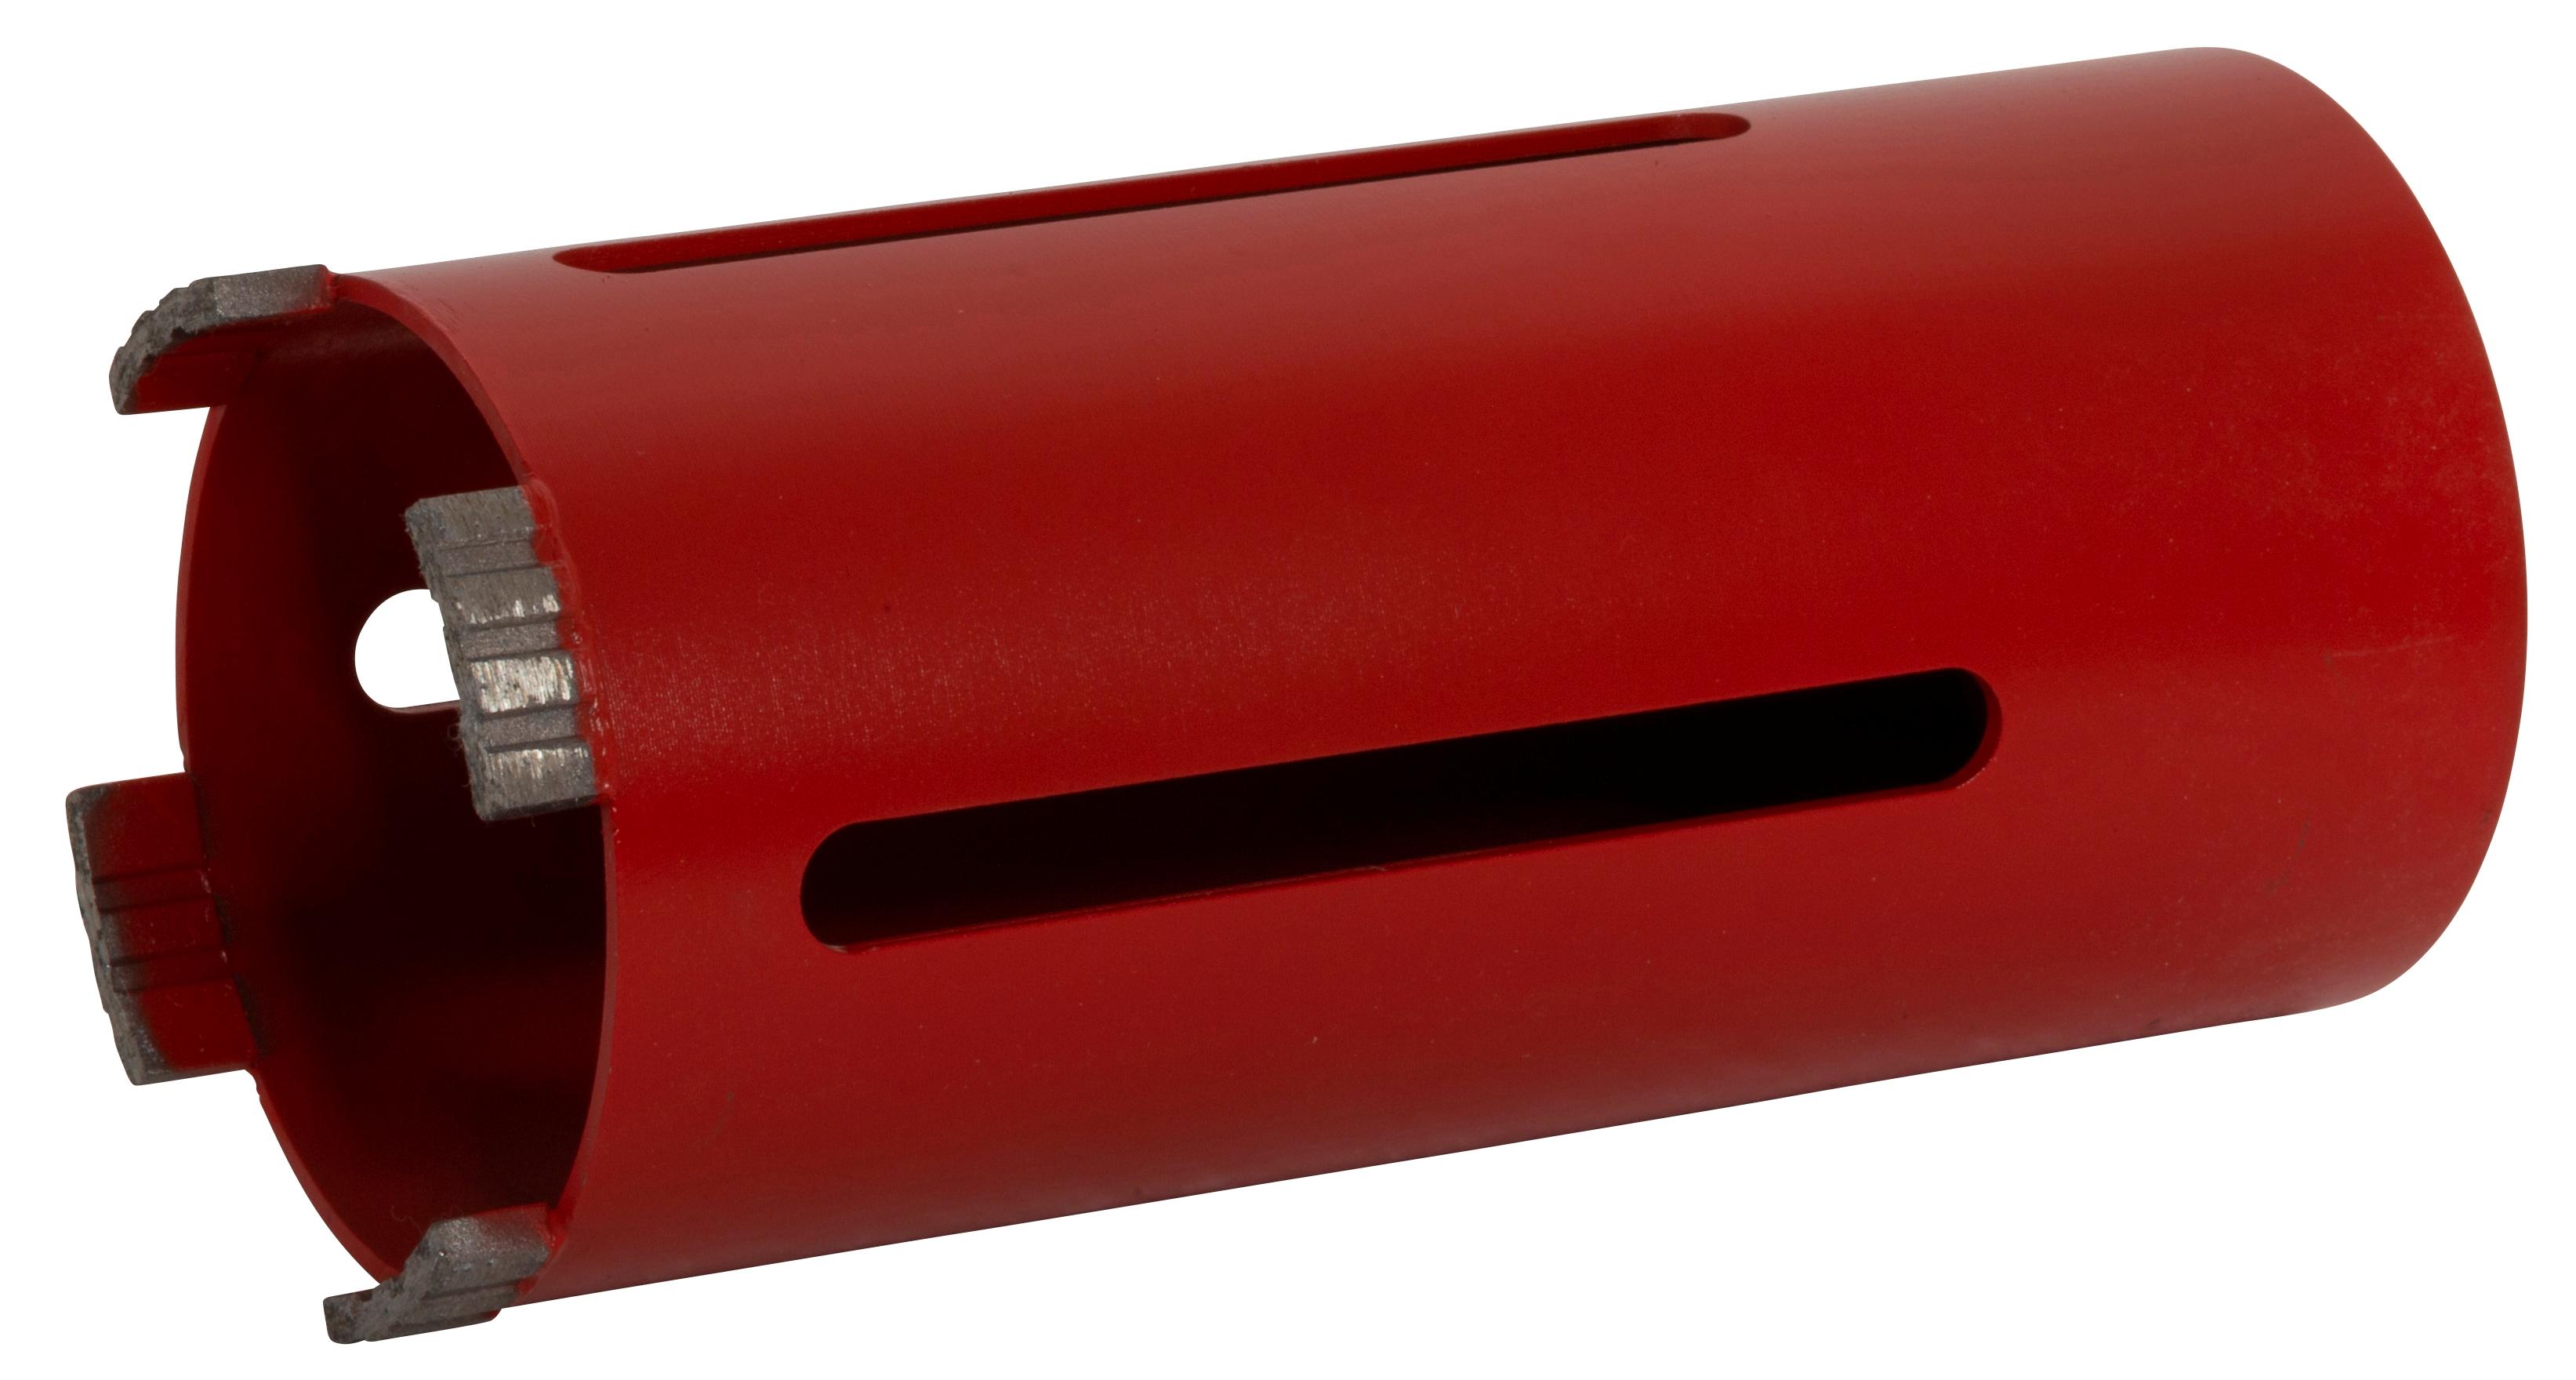 StahlbetonBetonprodukteNatursteinMauerwerk, NL= 400 mm AG Lasergeschwei/ßte Turbo Segmente 8 mm BKK-07/_Diamantbohrkrone Bohrkrone /Ø 102 mm Aufnahme R 1//2 Zoll,